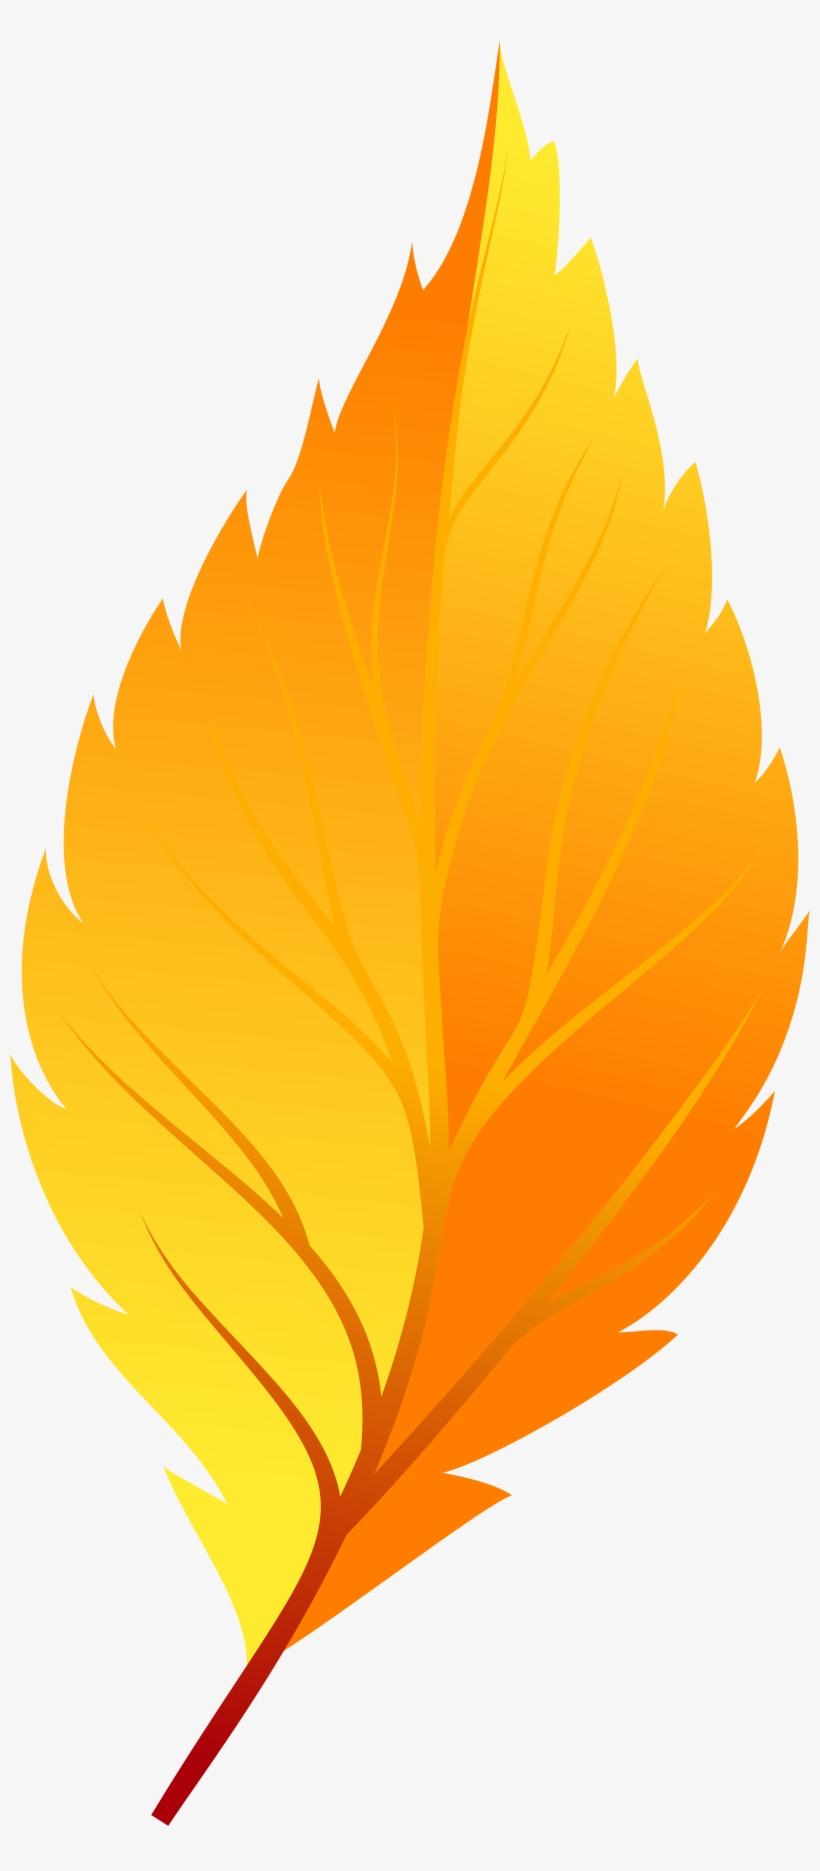 Yellow Autumn Leaf Png Clip Art - Transparent Background Autumn Leaf Clip Art, transparent png #170619